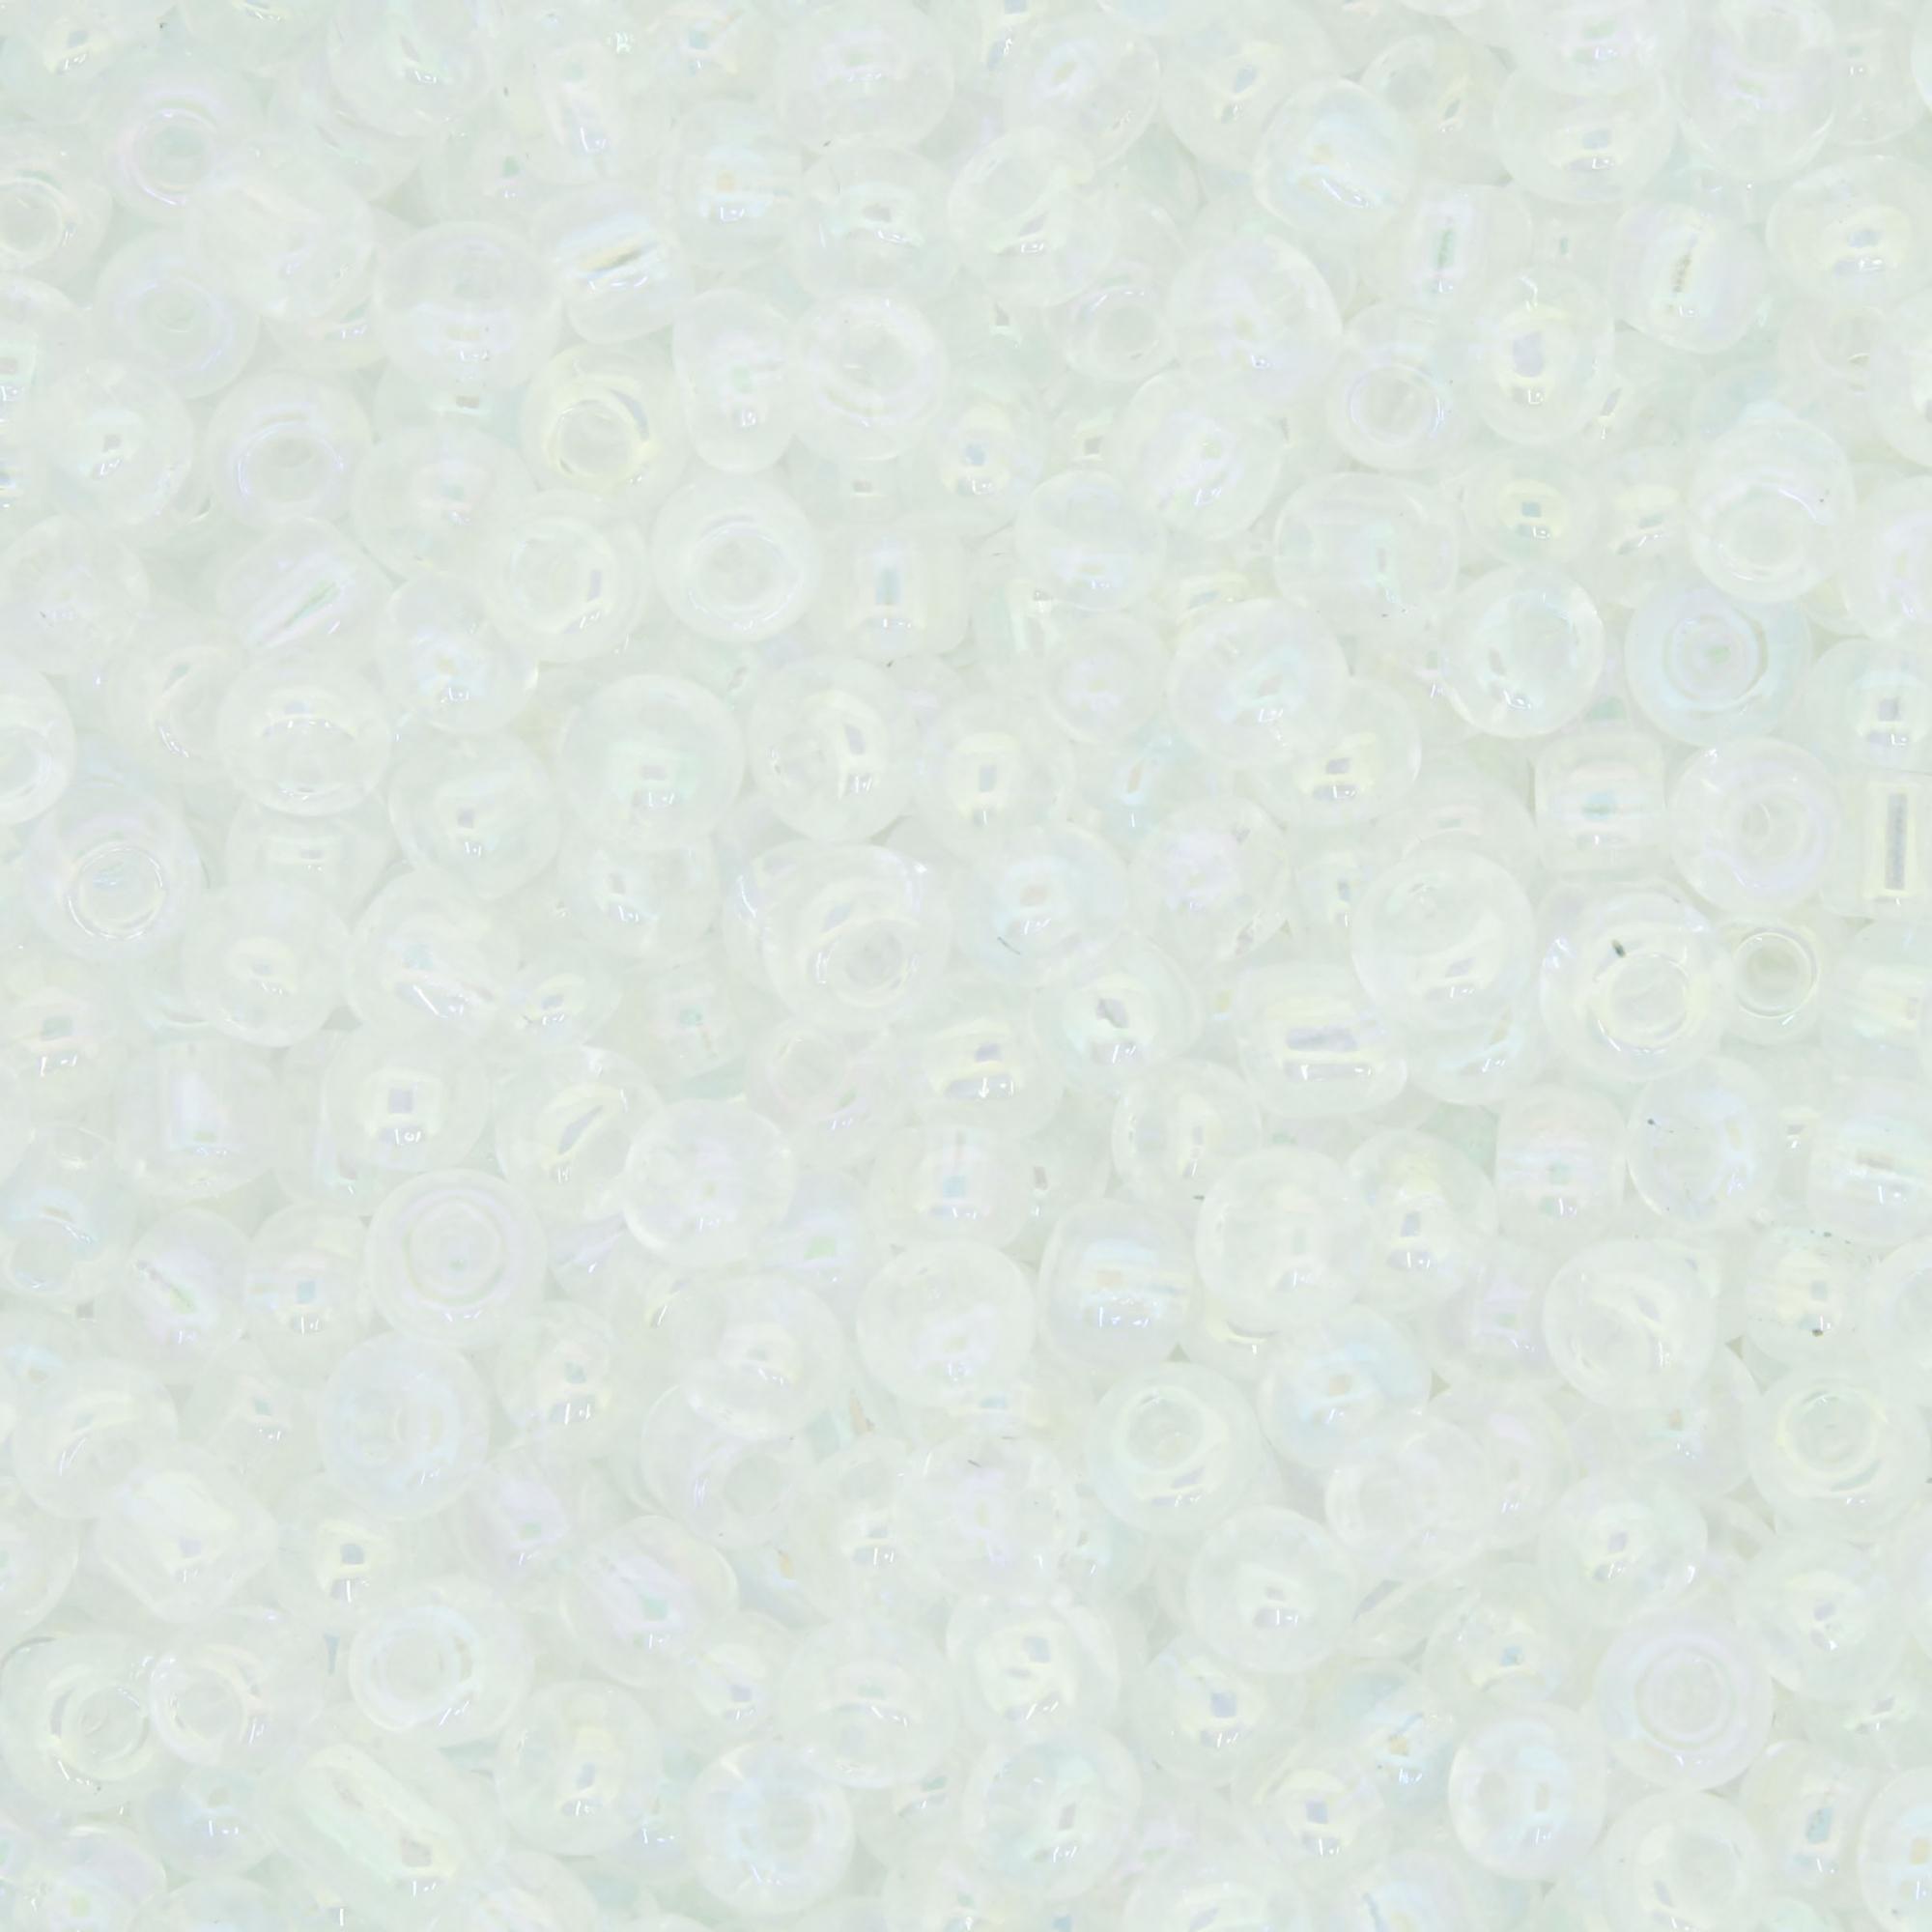 Miçanga 6/0 - 4.0x3.0mm - Transparente Irizada  - Universo Religioso® - Artigos de Umbanda e Candomblé